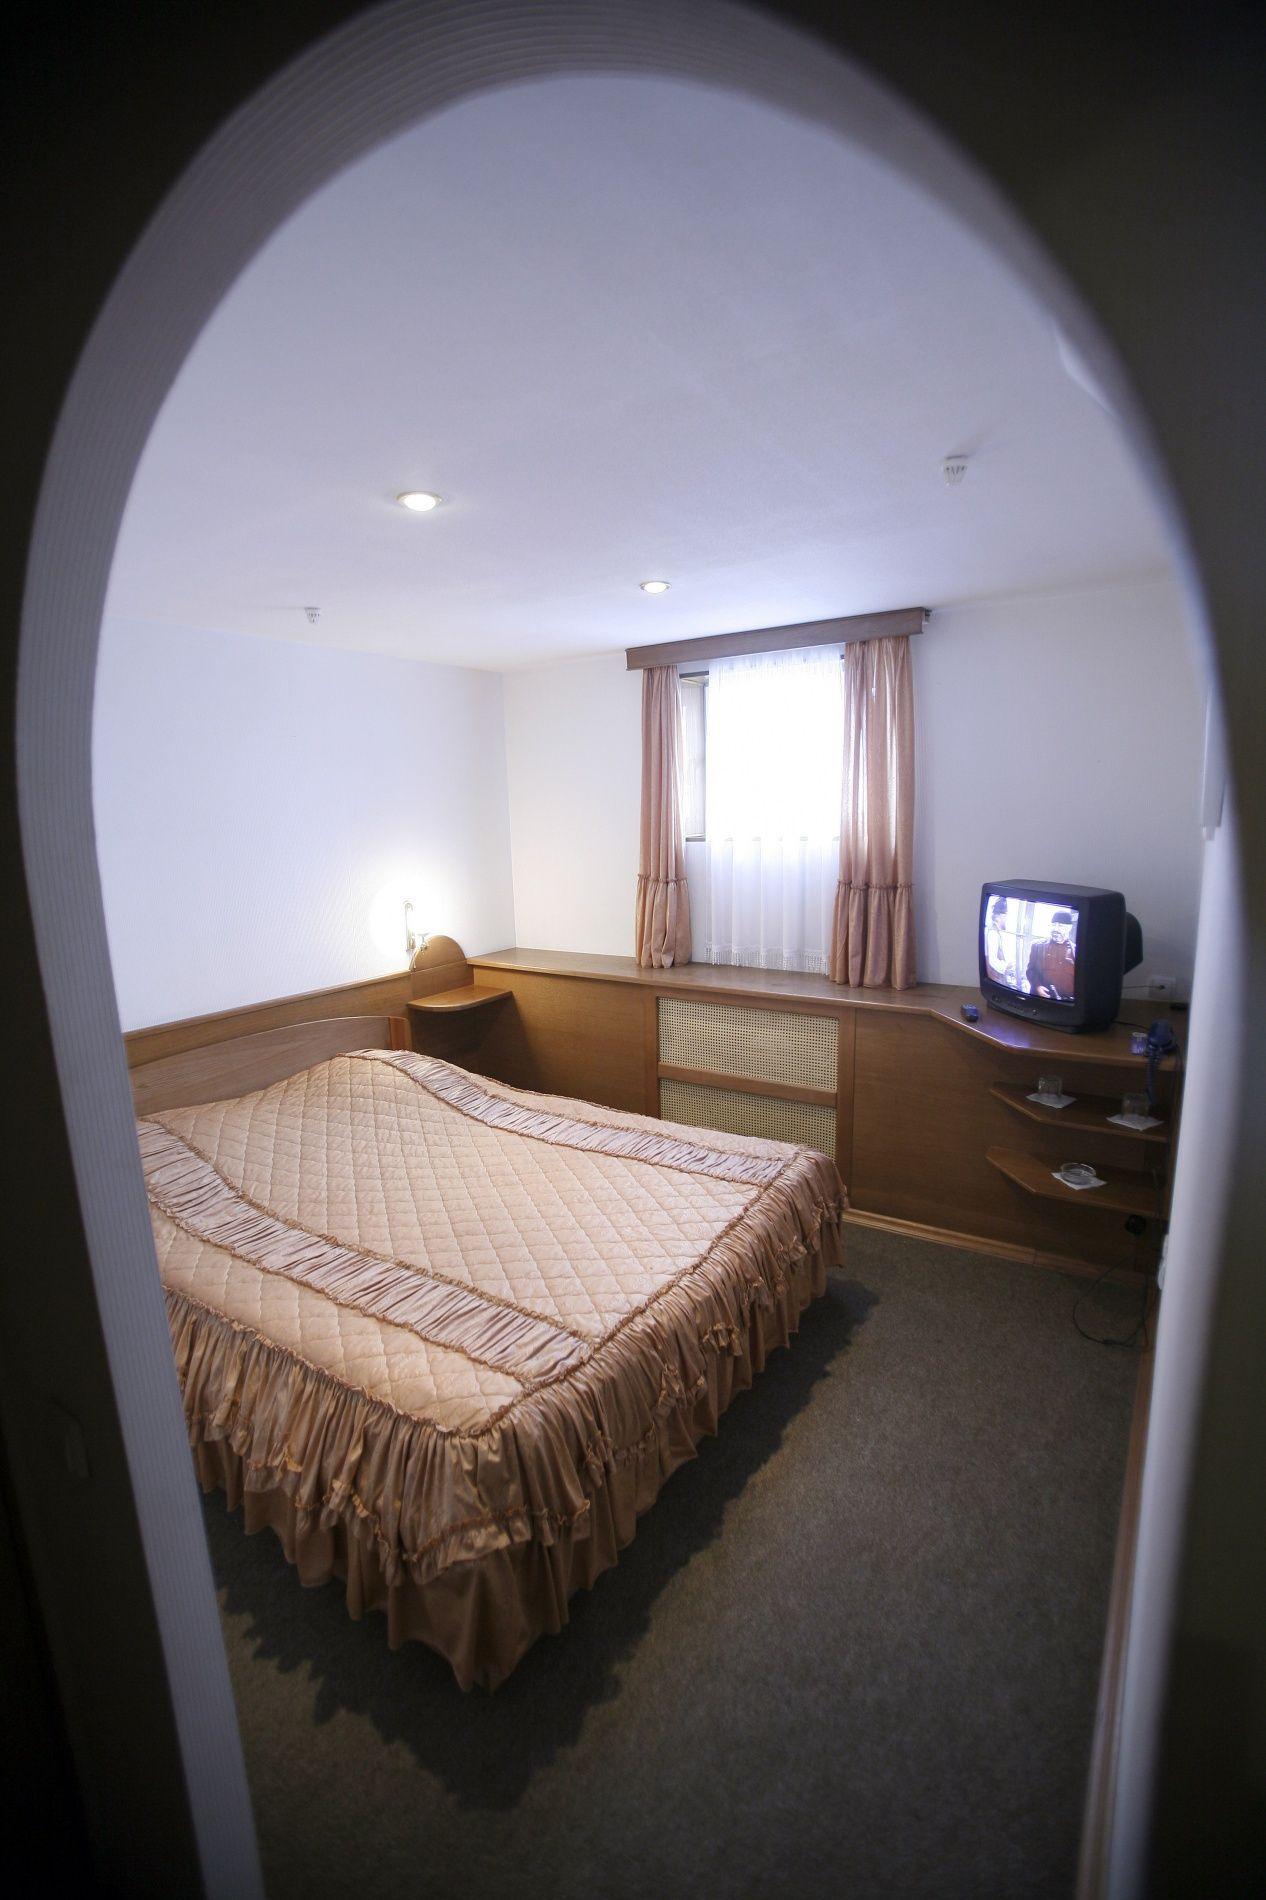 Туристический комплекс «Мирная Пристань» Ивановская область 1-комнатный номер 1 категории (№ 4, 6, 19, 10), фото 10